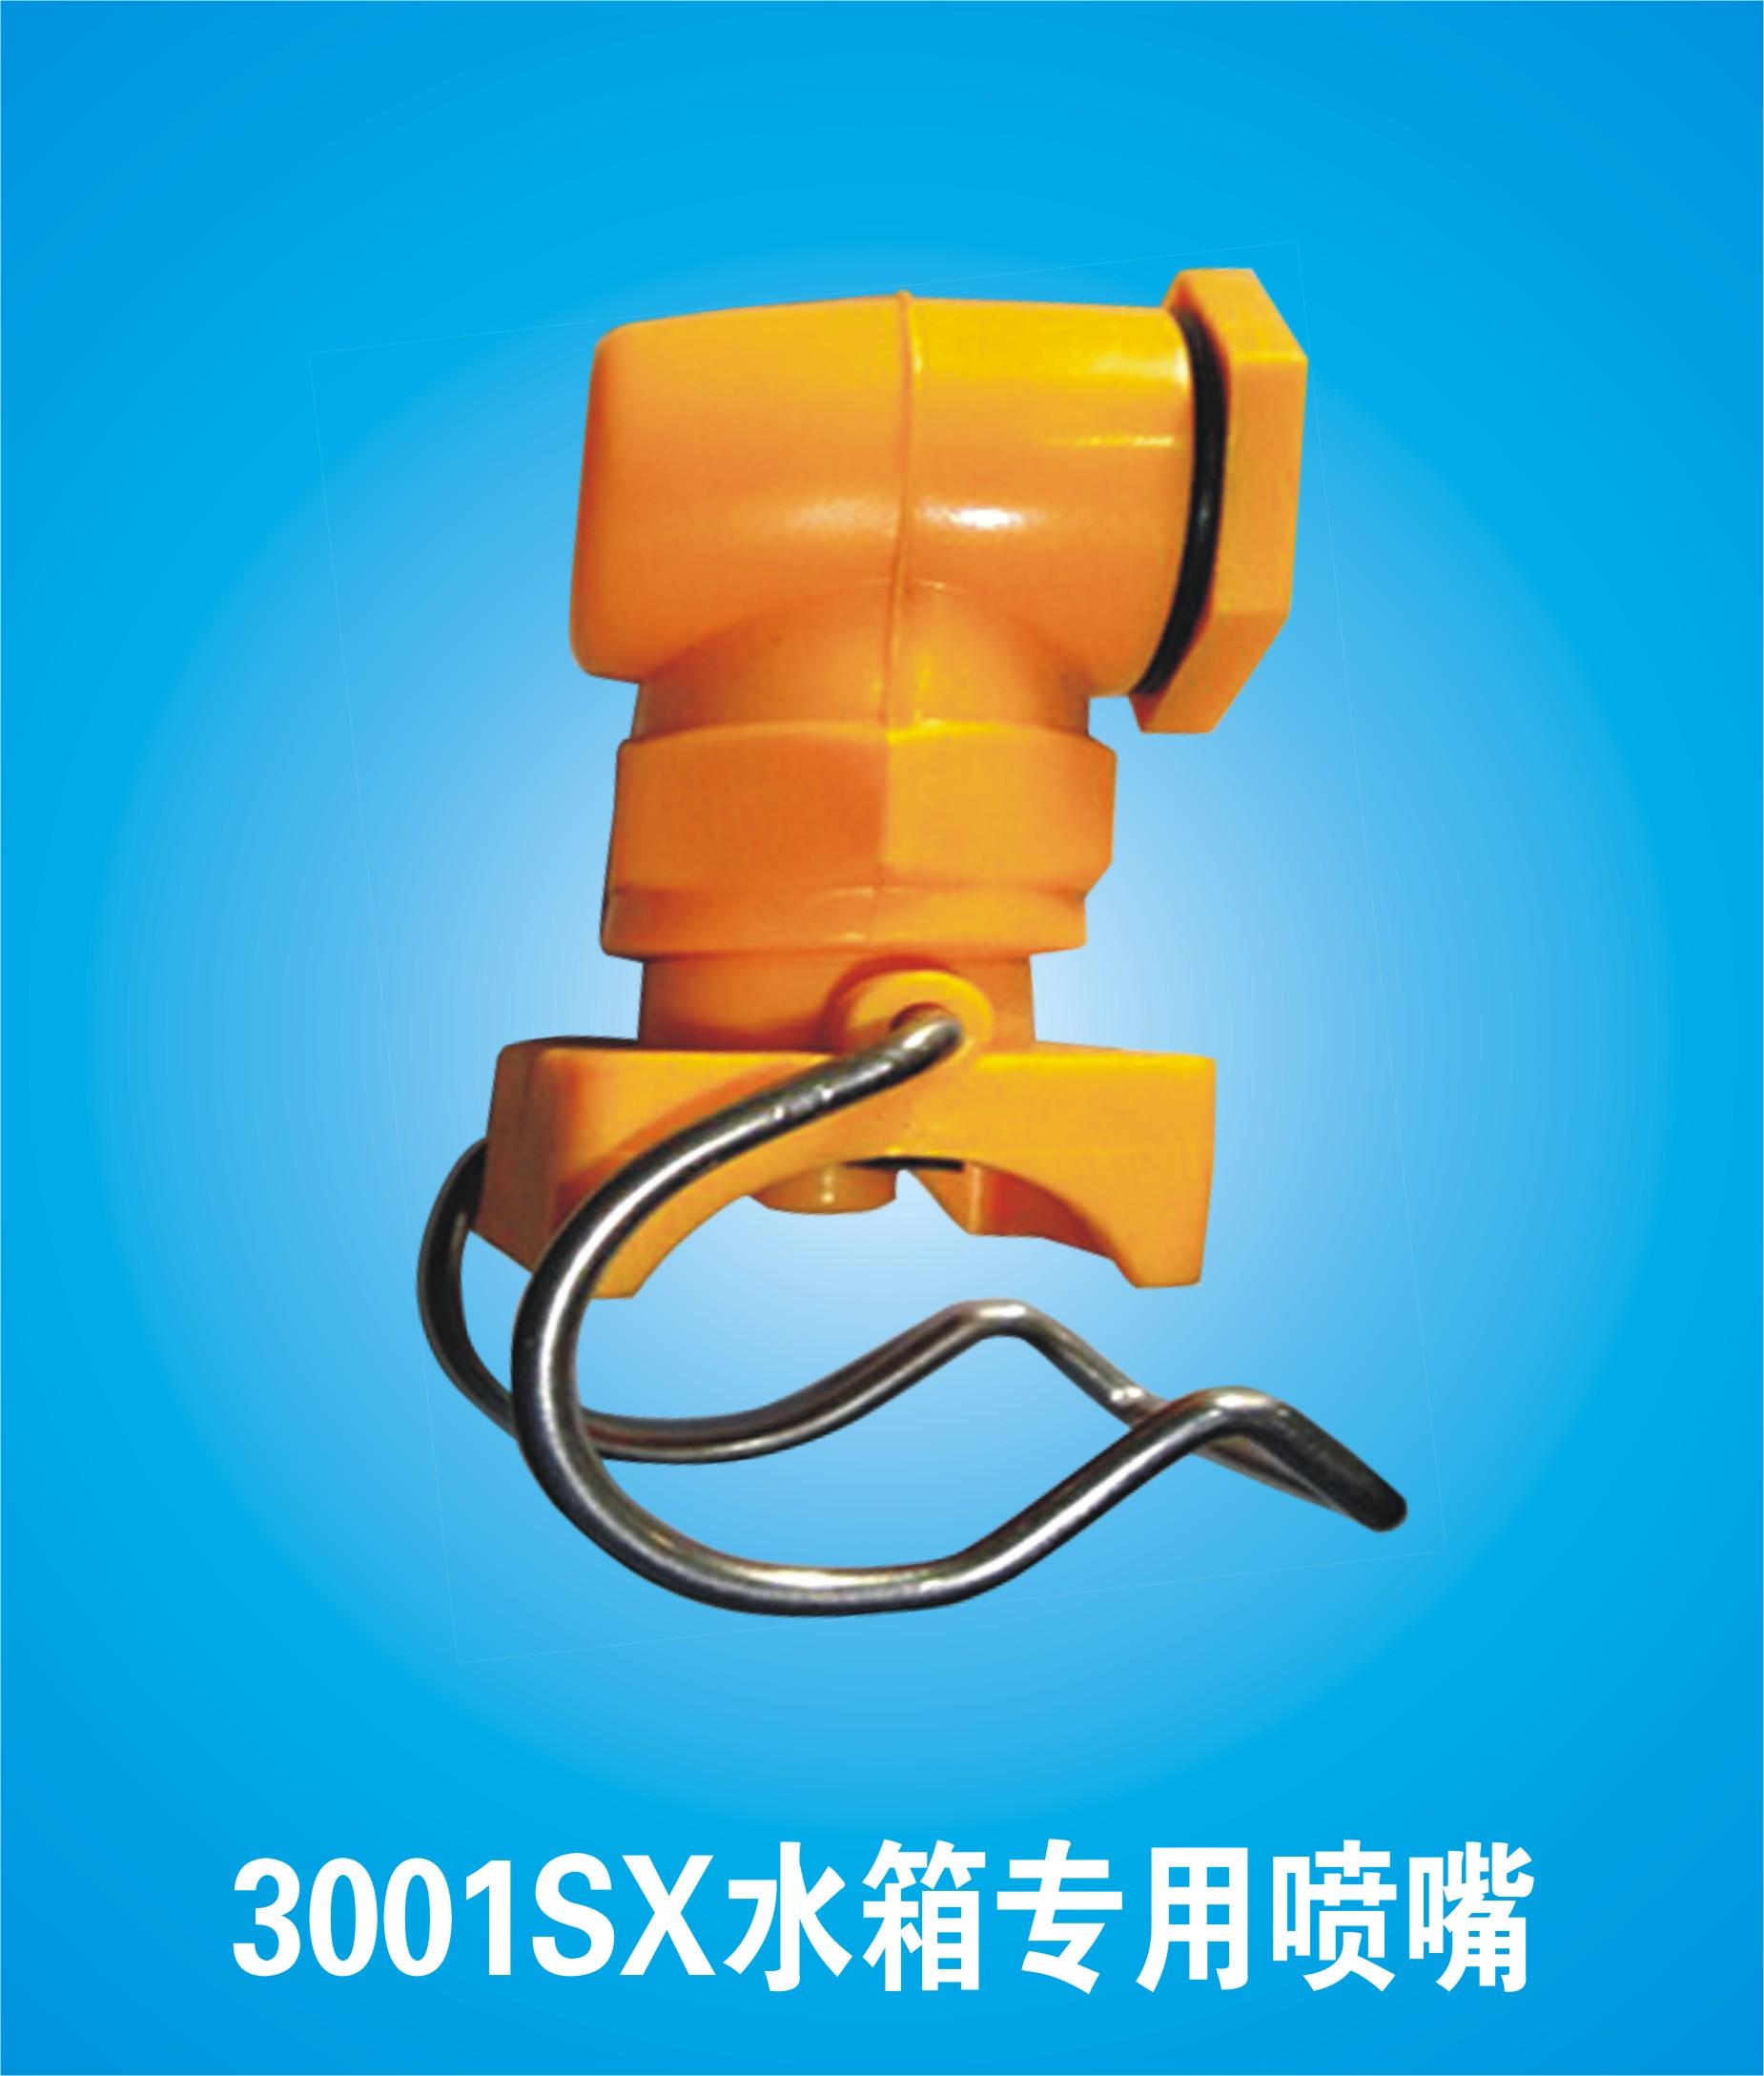 真空箱 塑料 喷嘴 定径套喷淋头 冷却 水箱 水槽 喷 高清图片